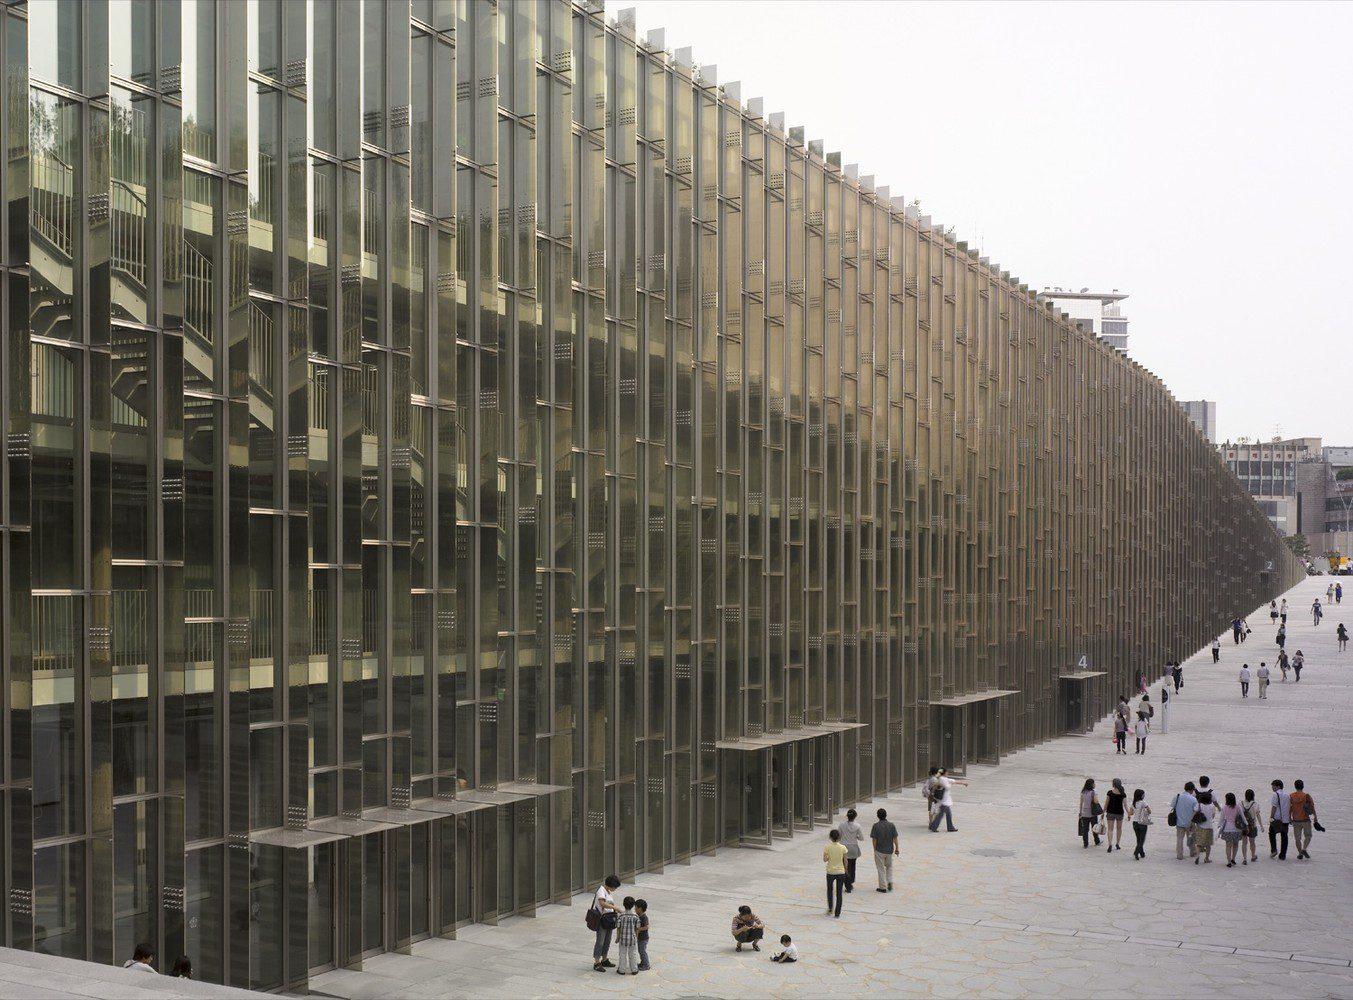 دانشگاه زنان اوها | برنده جایزه بین المللی معماری سال 2003